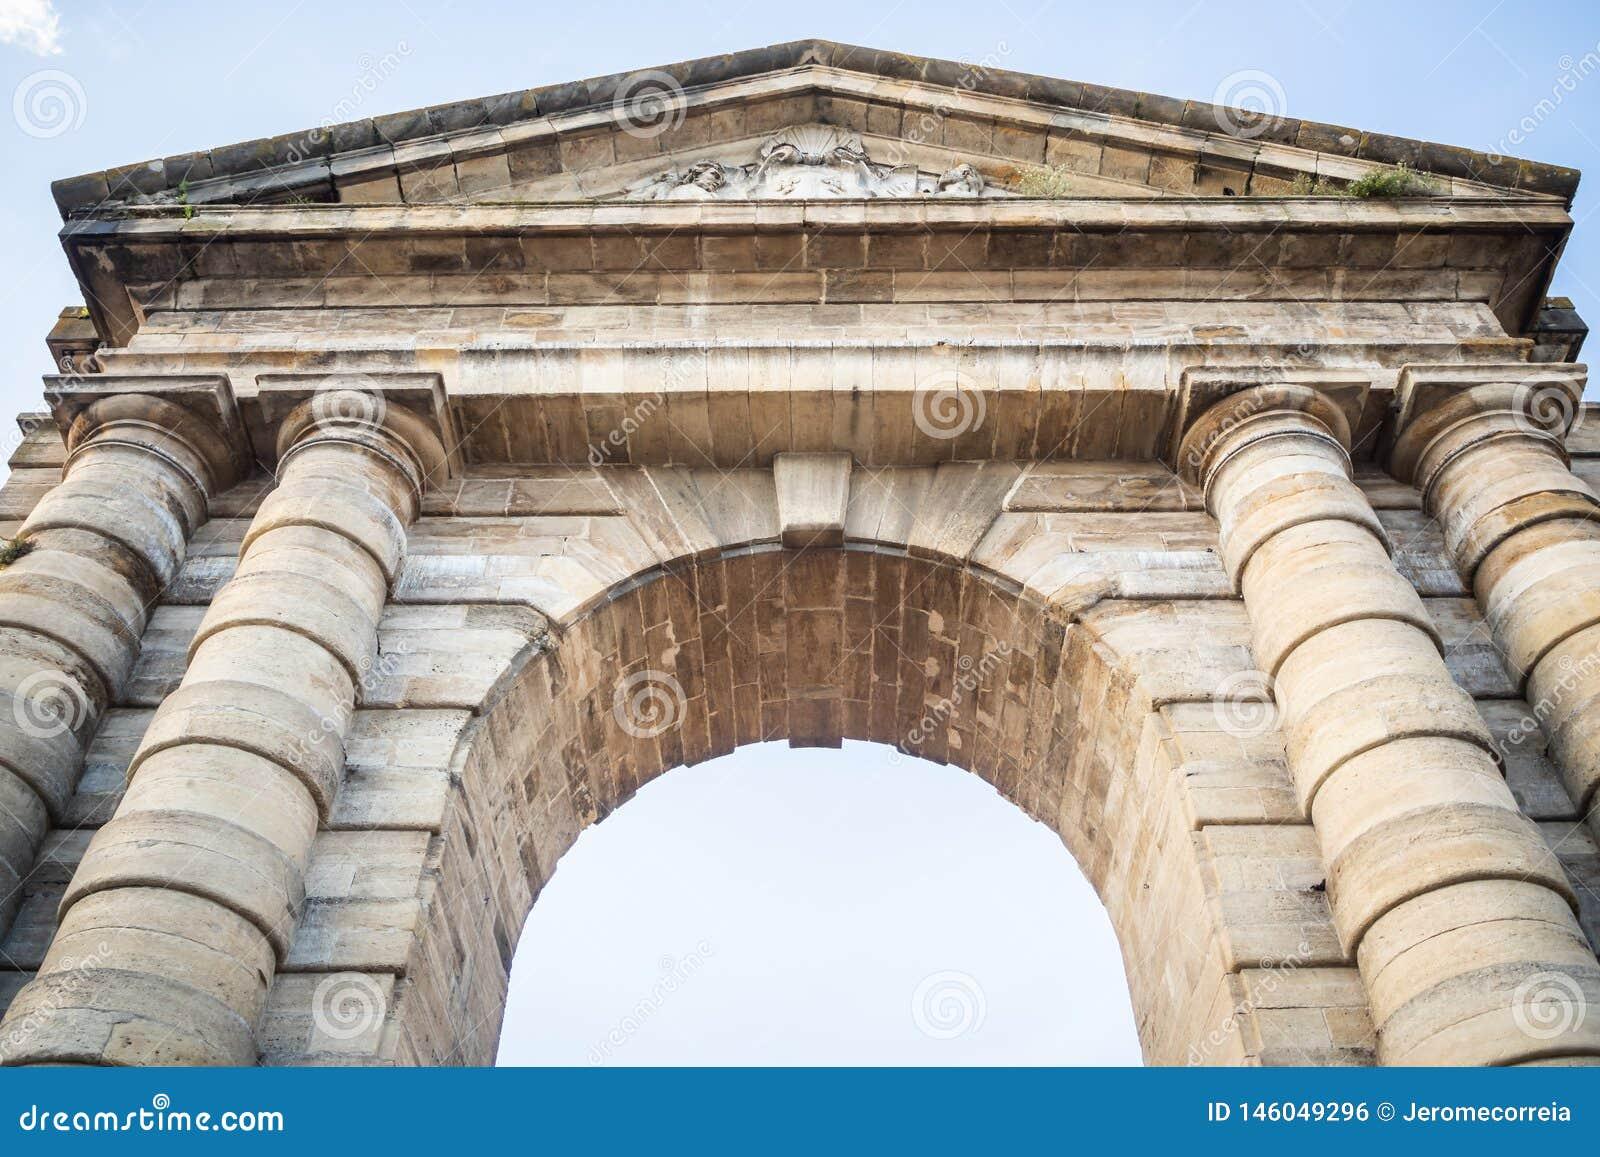 La porte de l Aquitaine inspirée par les voûtes triomphales antiques